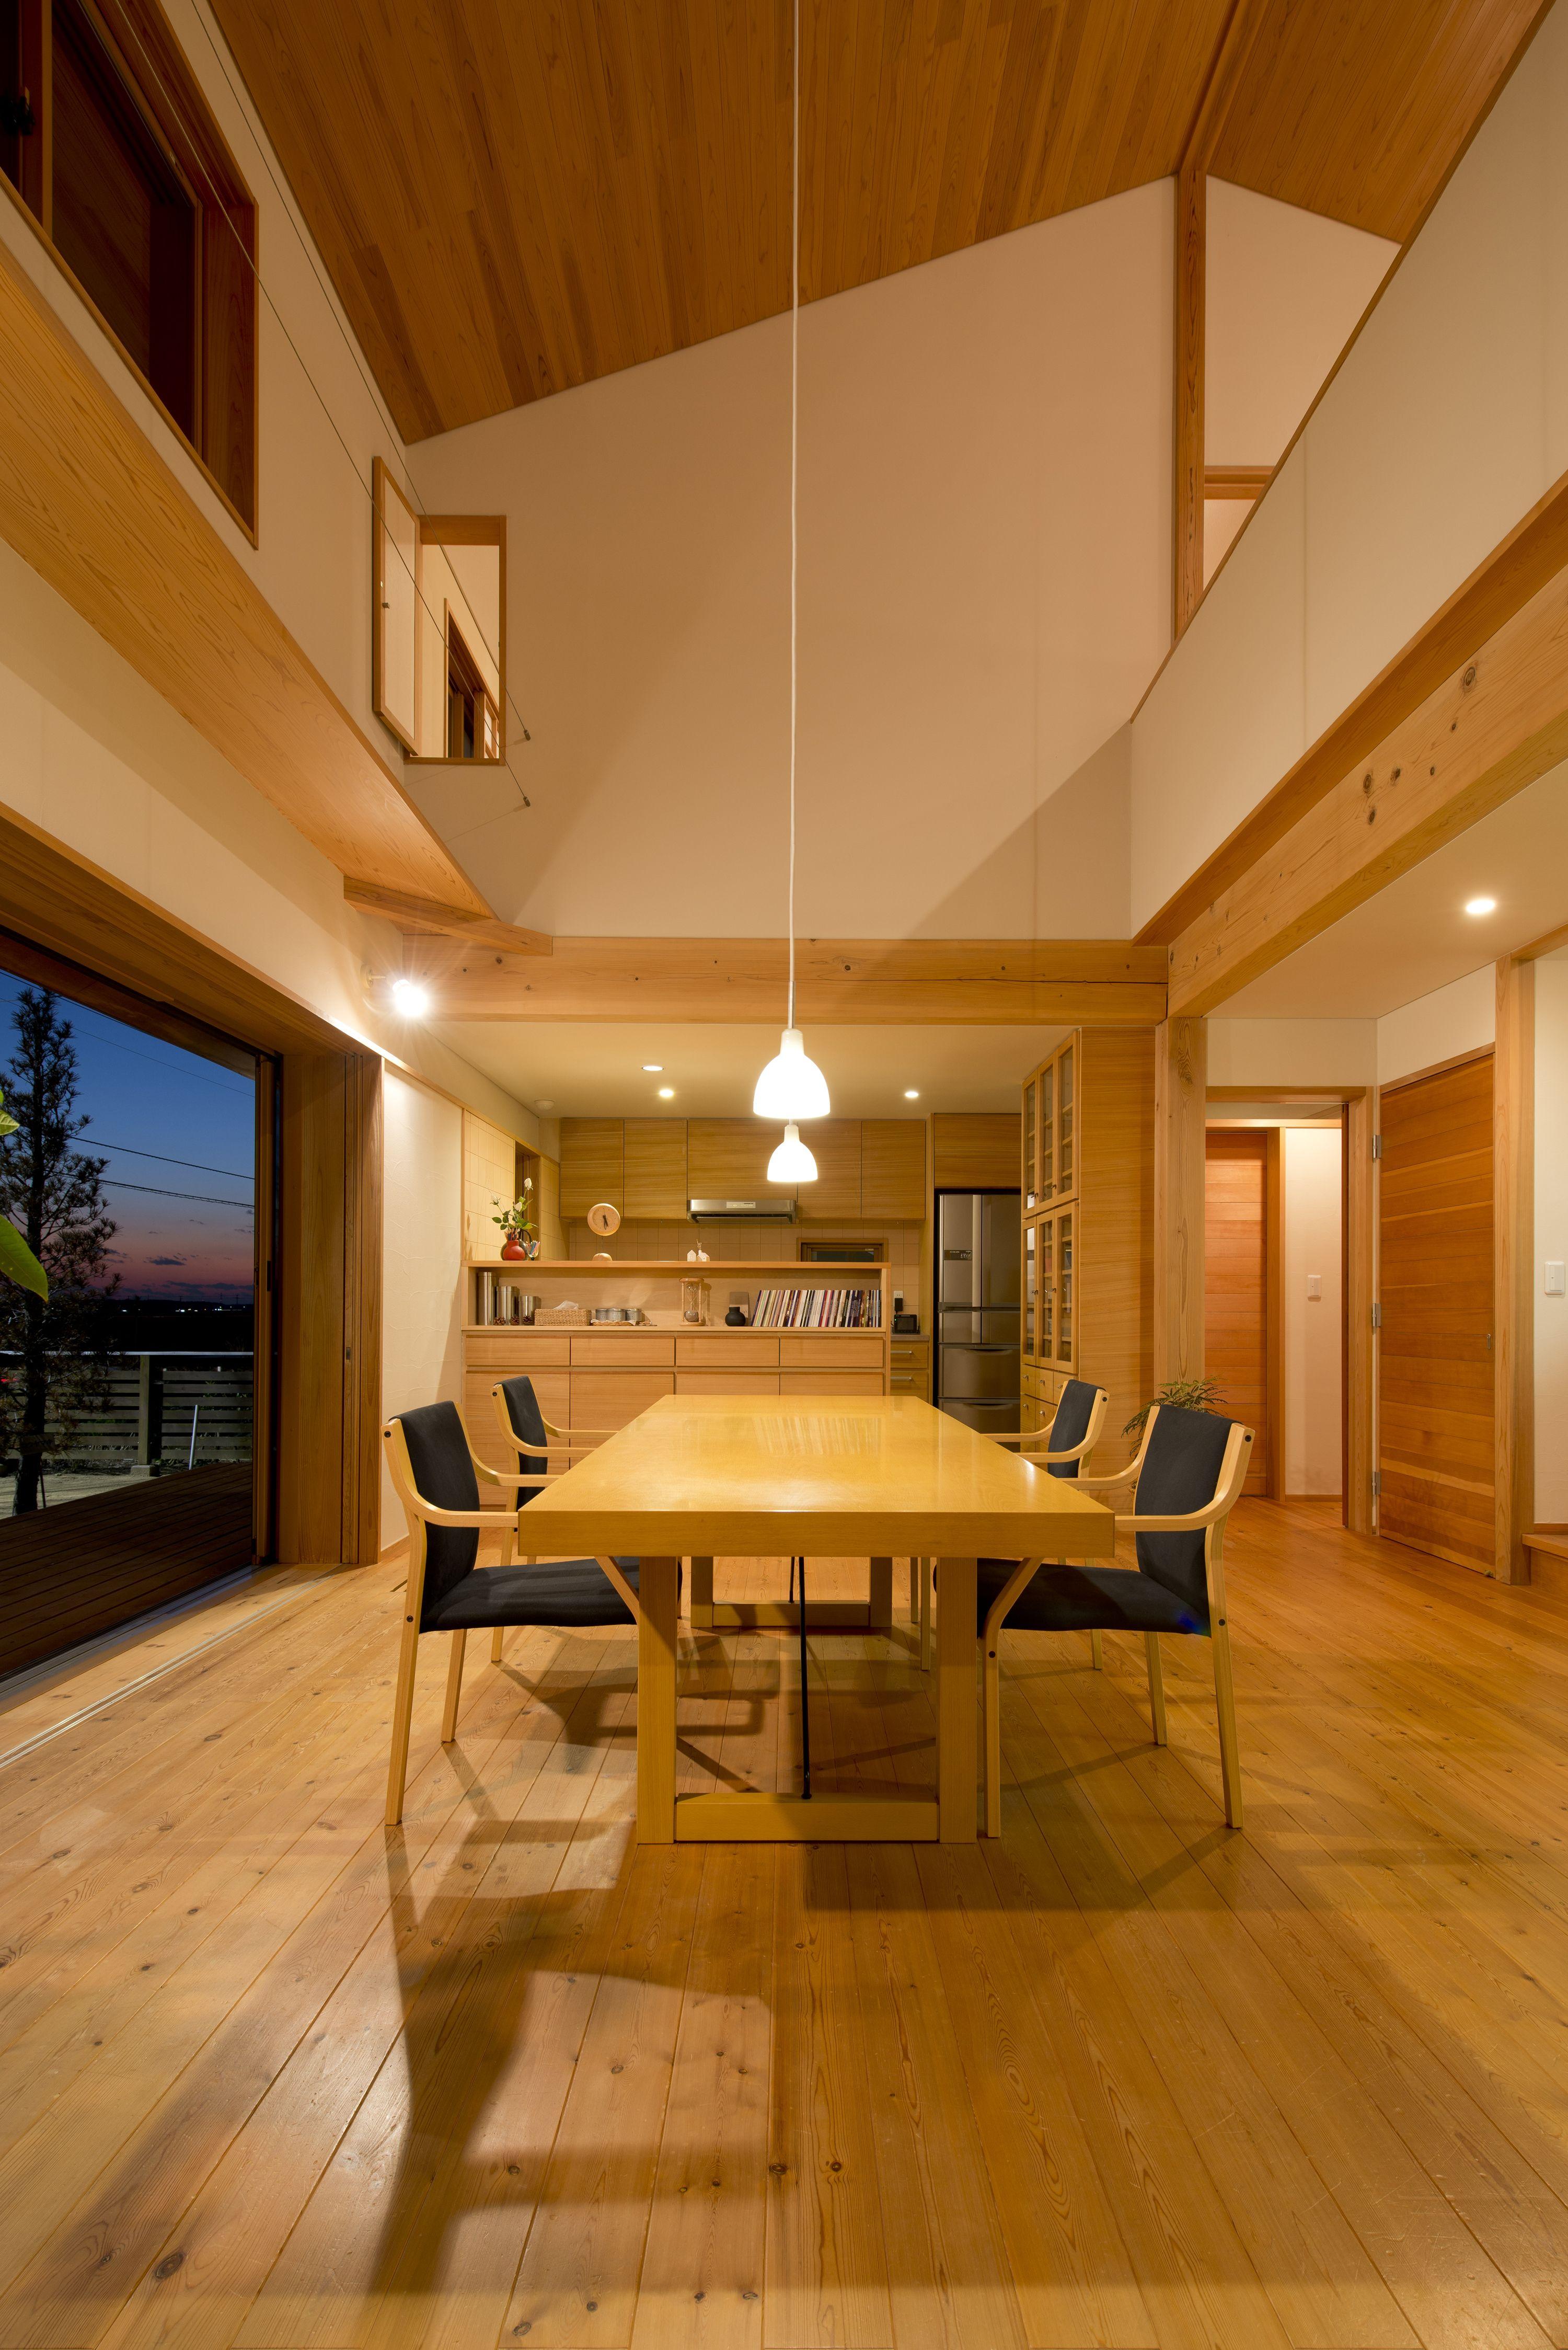 夕景の なごみの家 落ち着いた電球色のルイスポールセン の照明 心